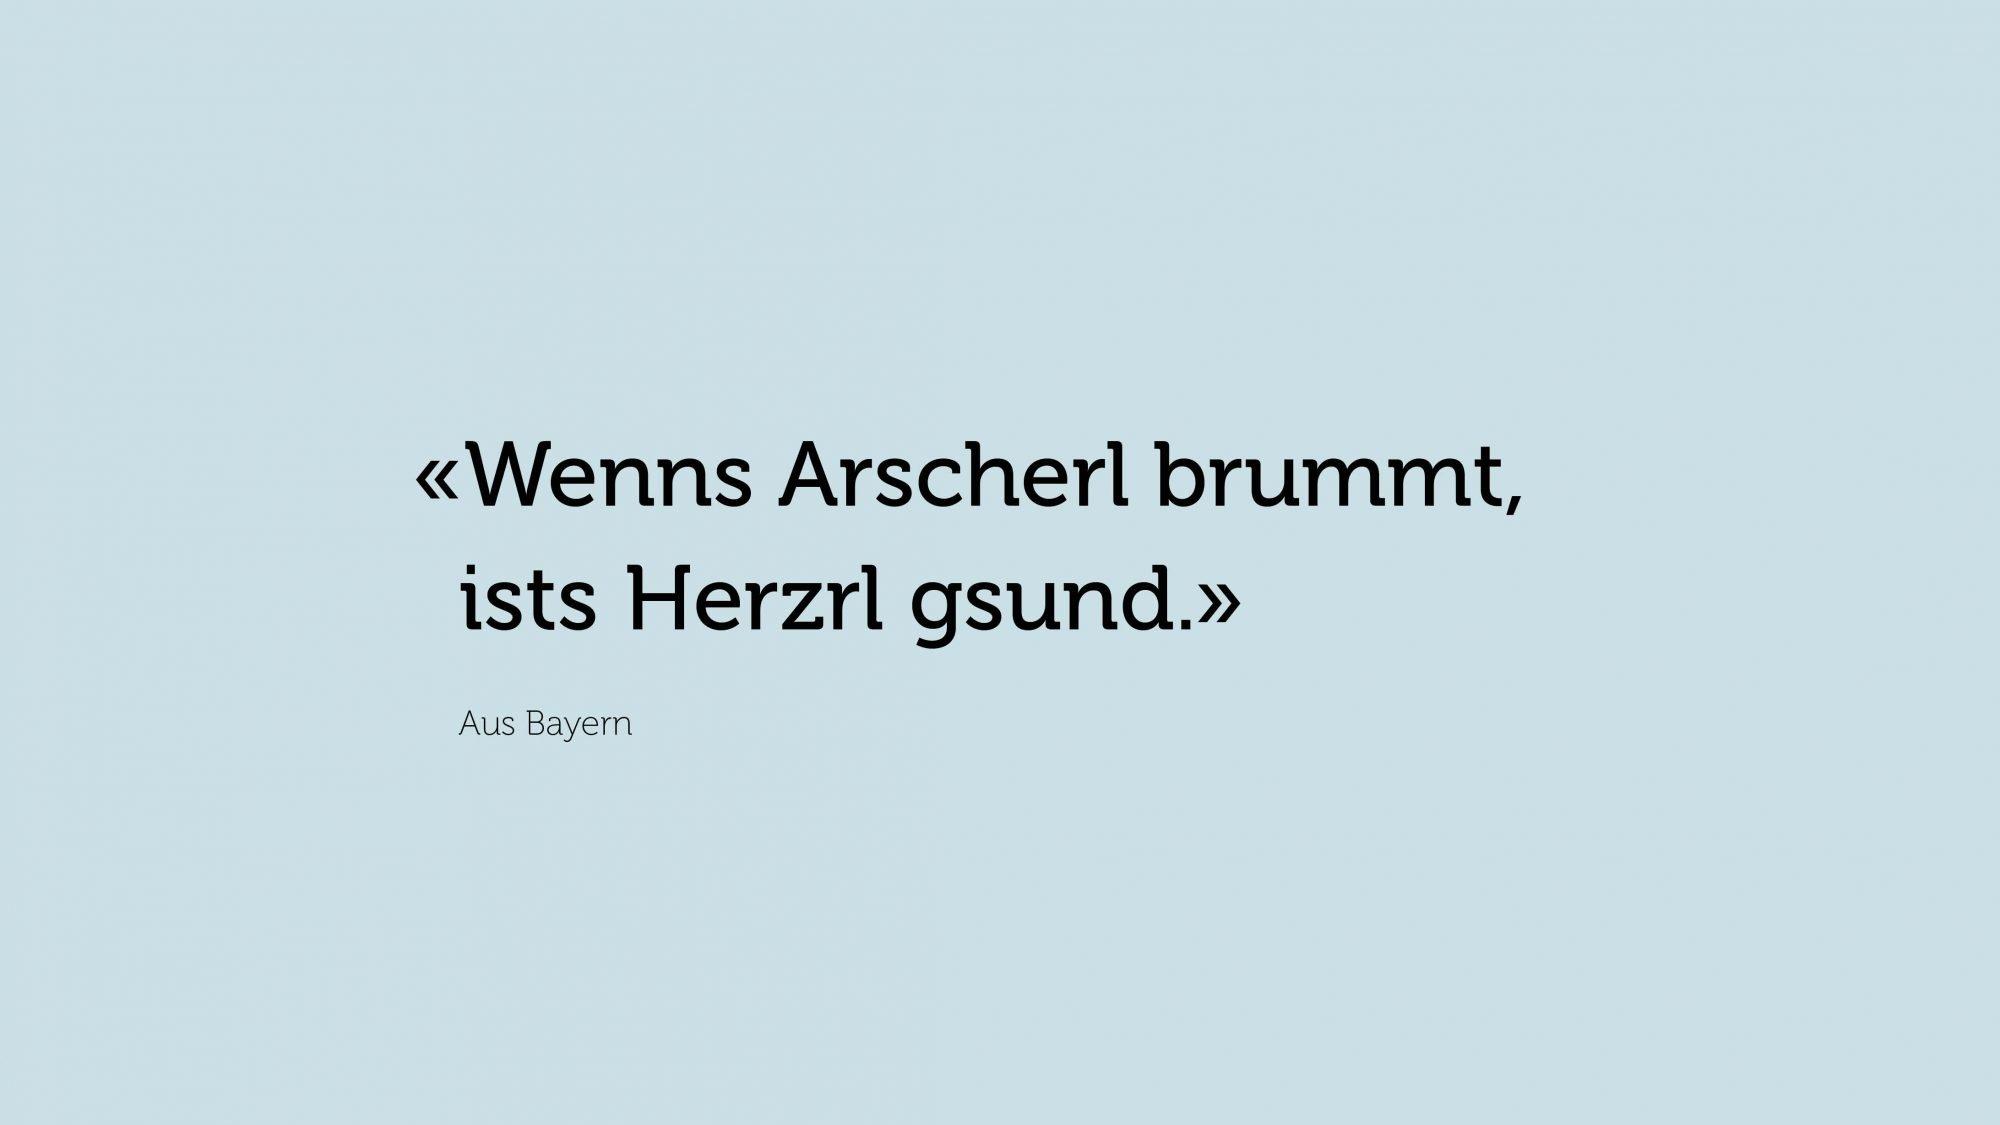 Zitat Bayern: «Wenns Arscherl brummt, ists Herzrl gsund.»